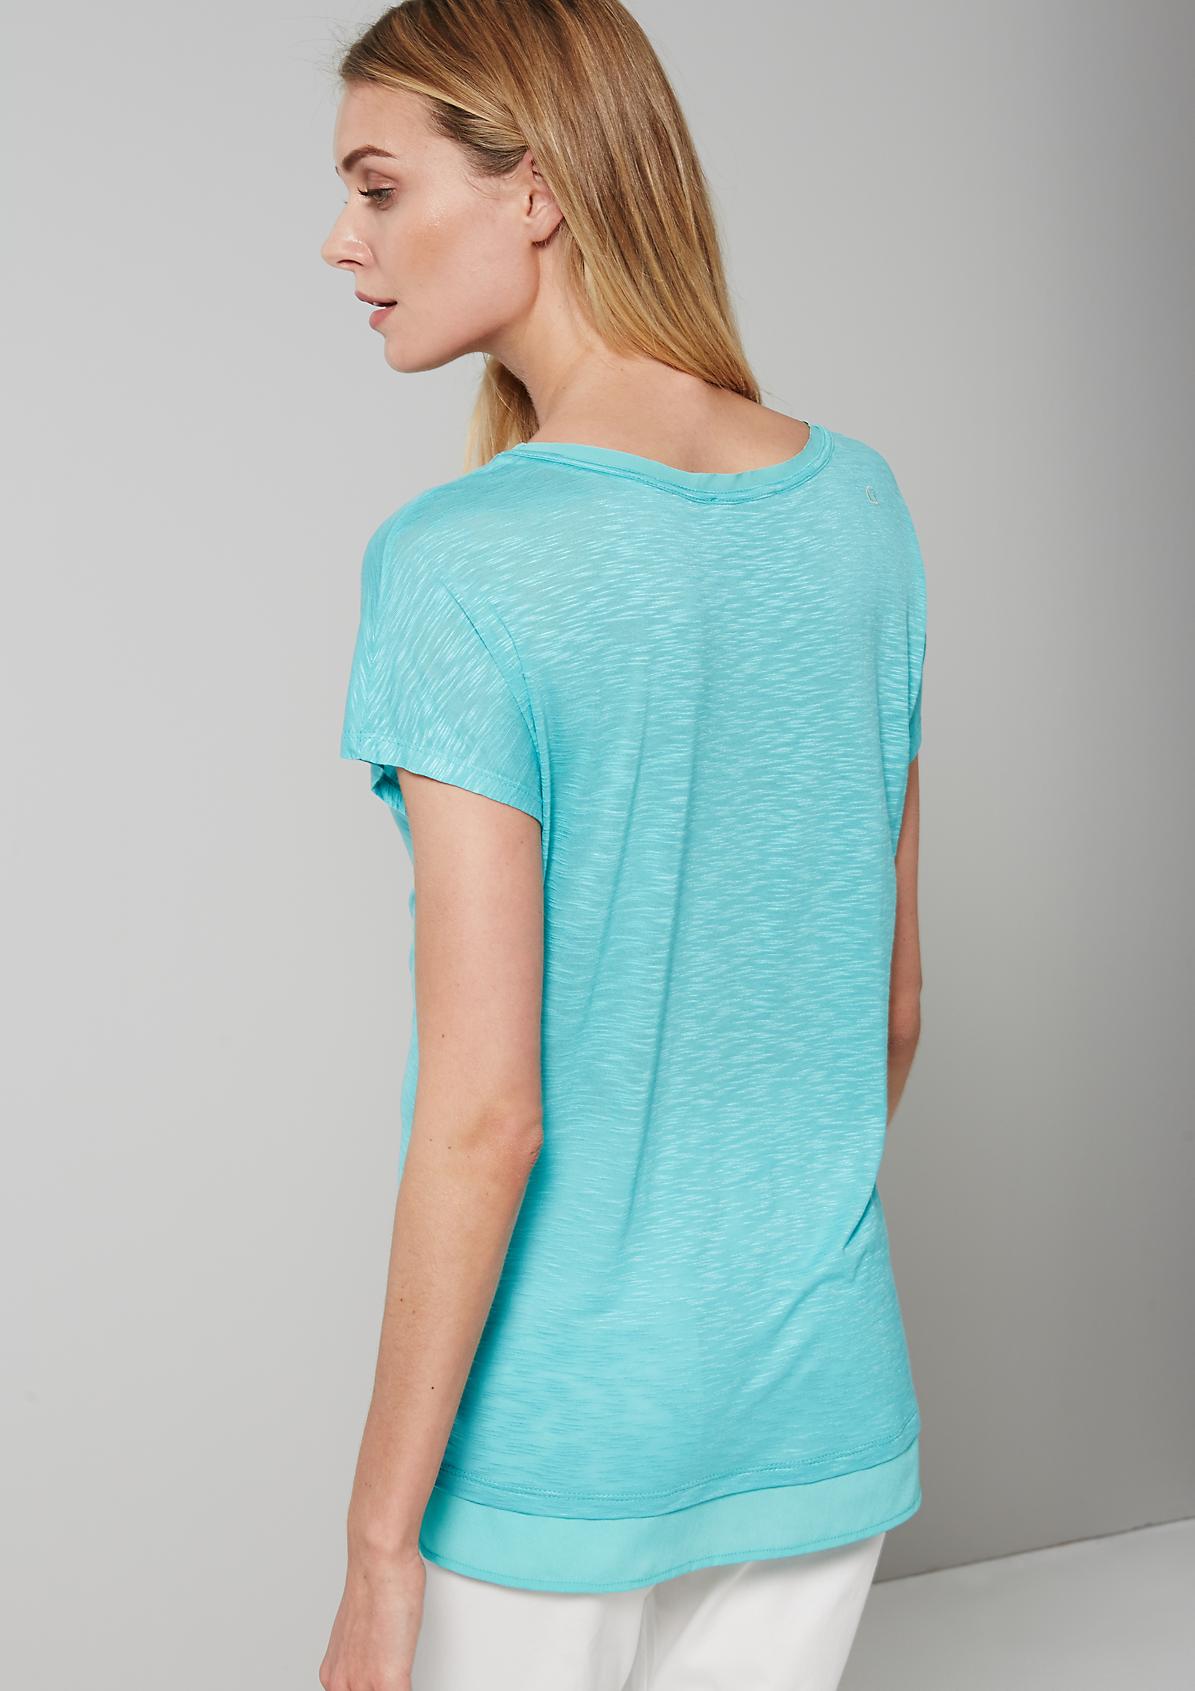 Lässiges Shirt mit tollen Designfeatures